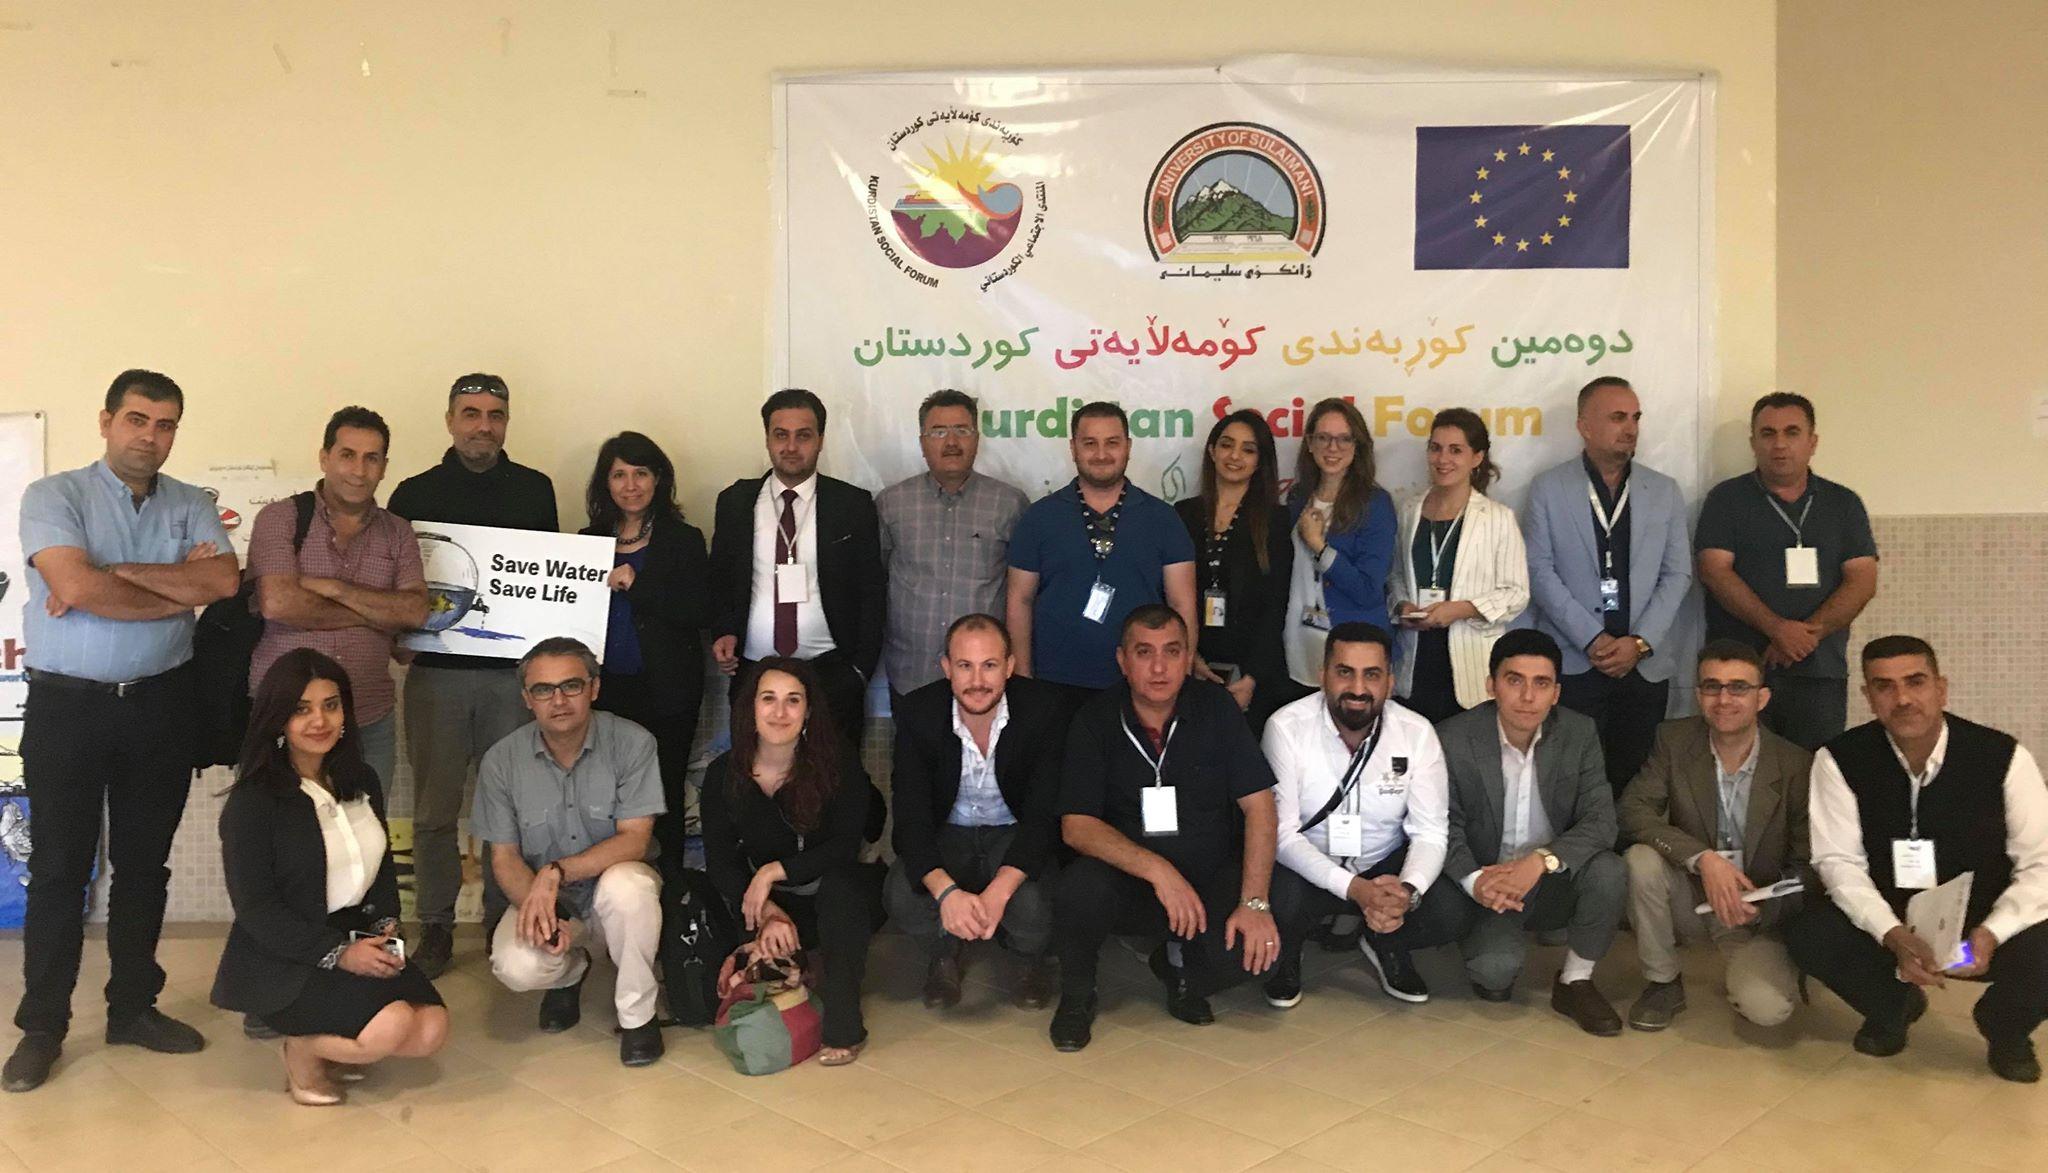 عقد المنتدى الاجتماعي الكوردستاني الثاني في السليمانية بدعم من مسؤولين محليين ودوليين